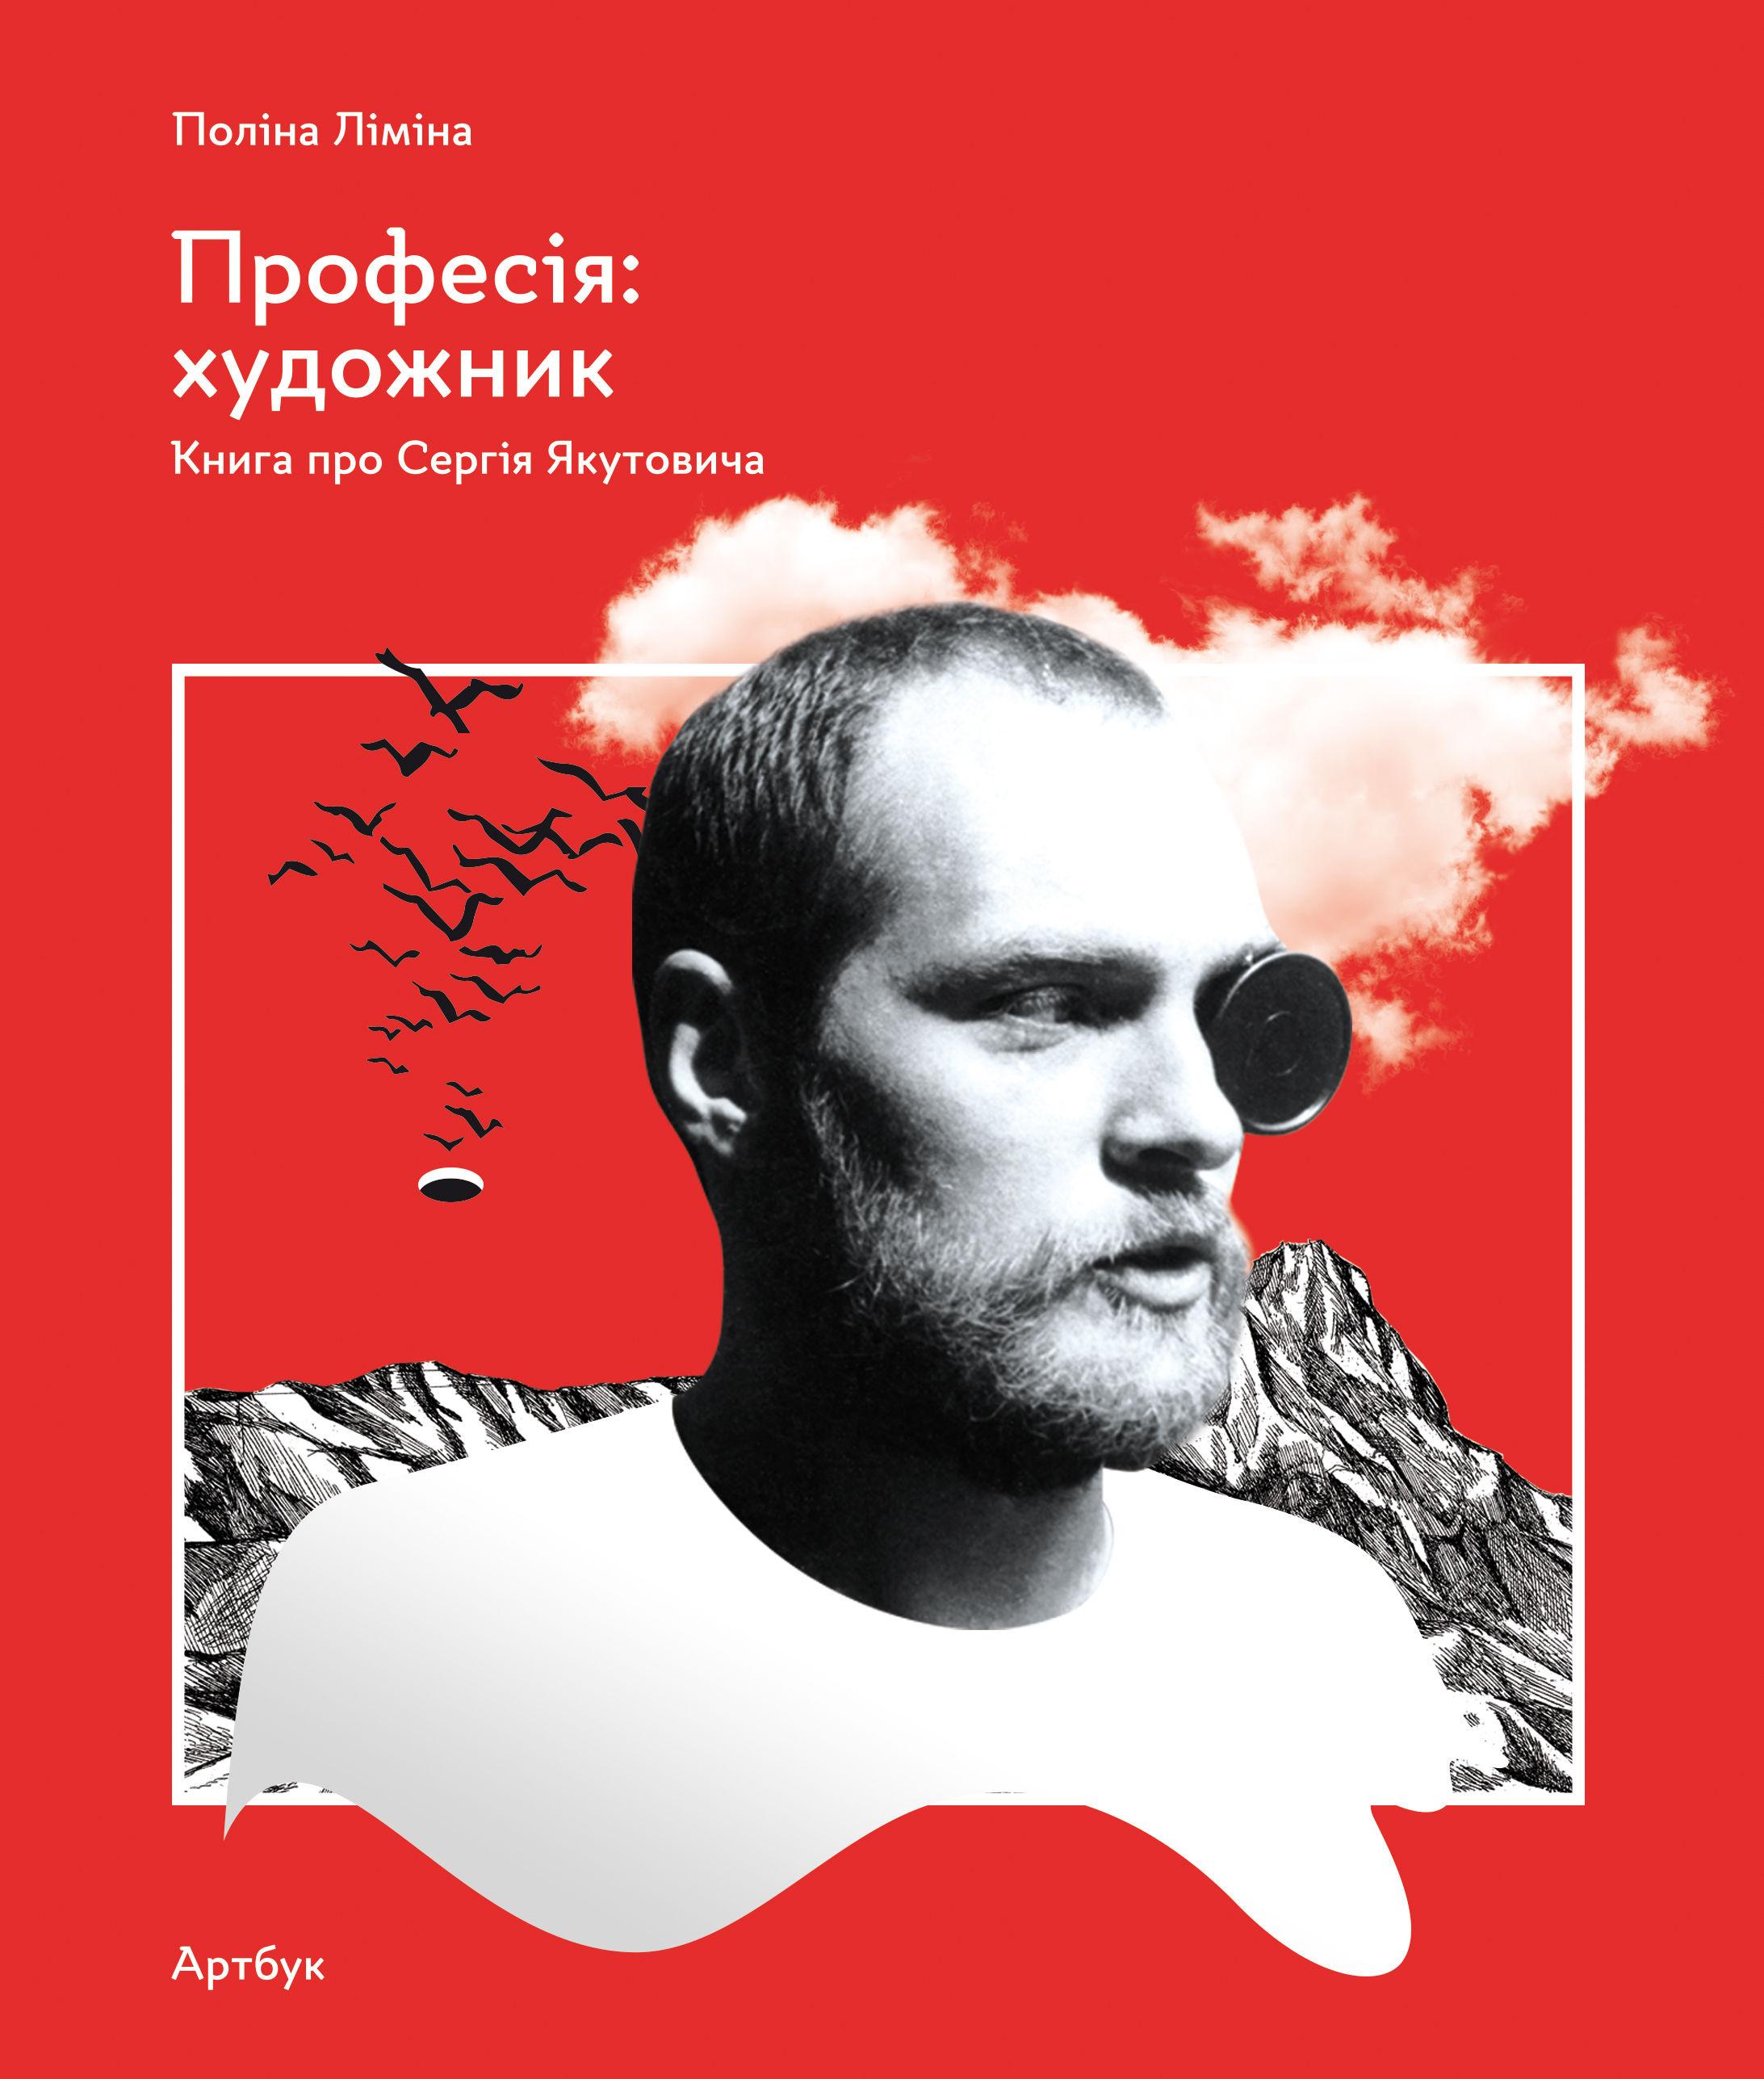 Професія: художник. Книга про Сергія Якутовича